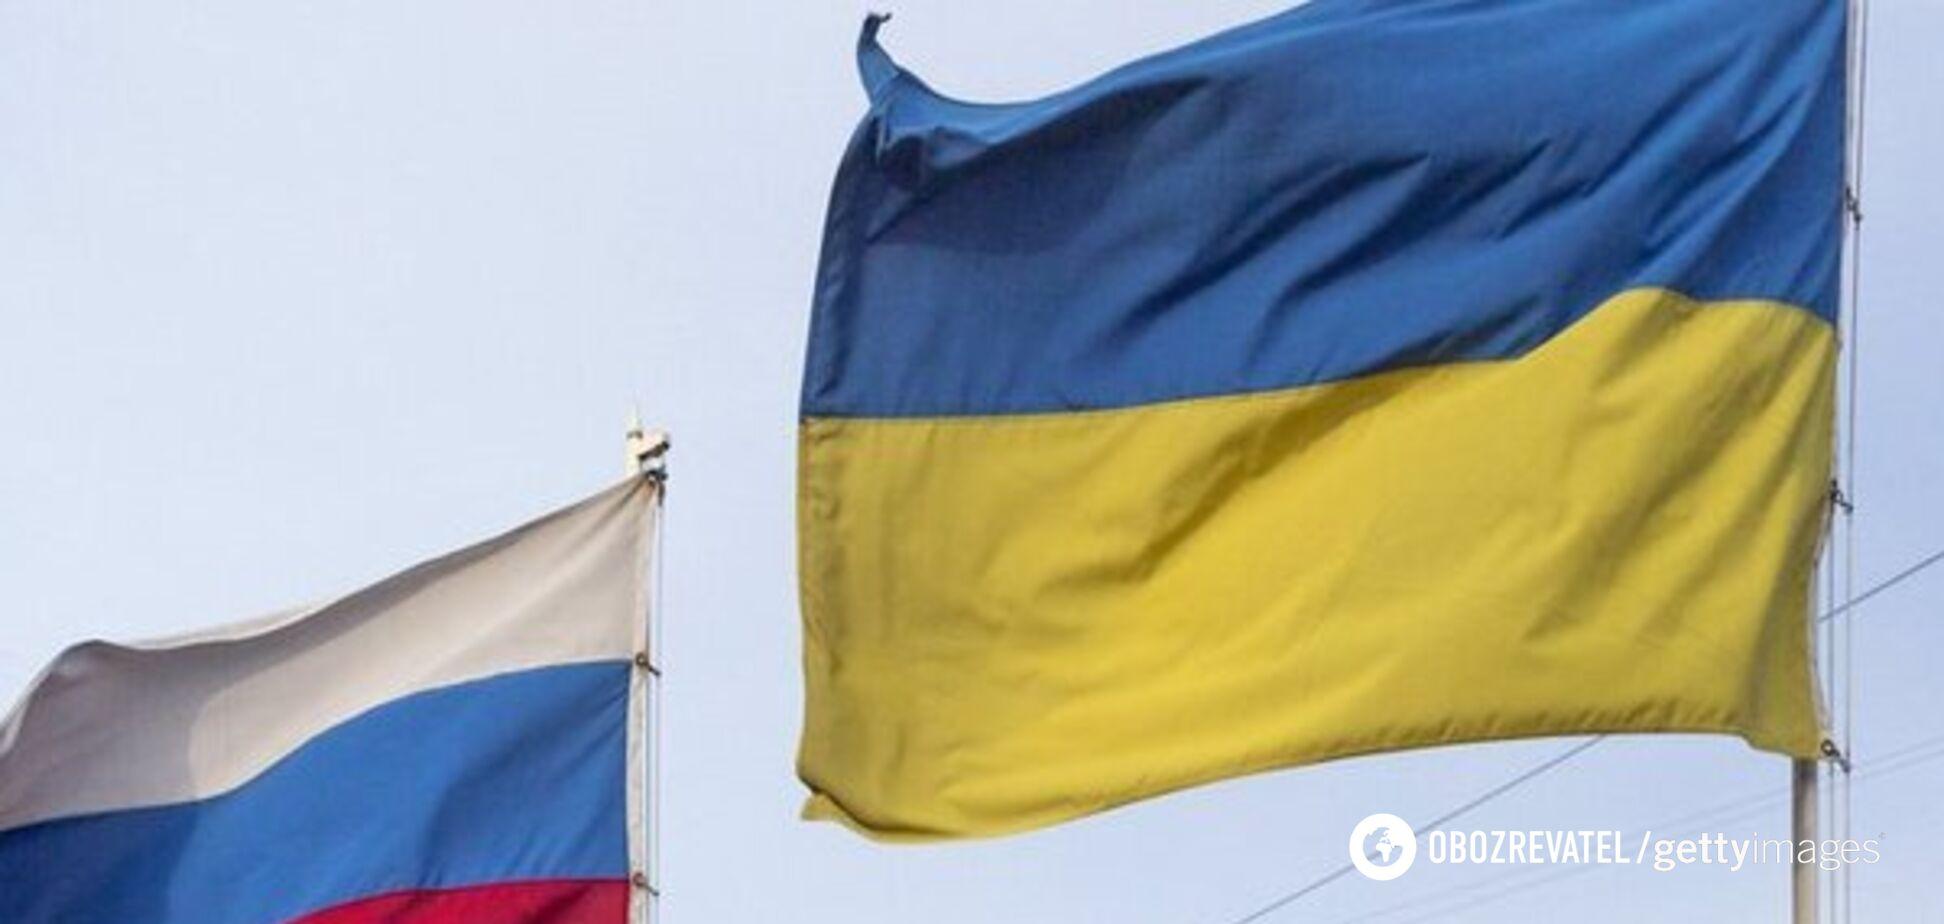 'Крок до руйнування Росії': військовий експерт назвав плюси контрабанди в Україну